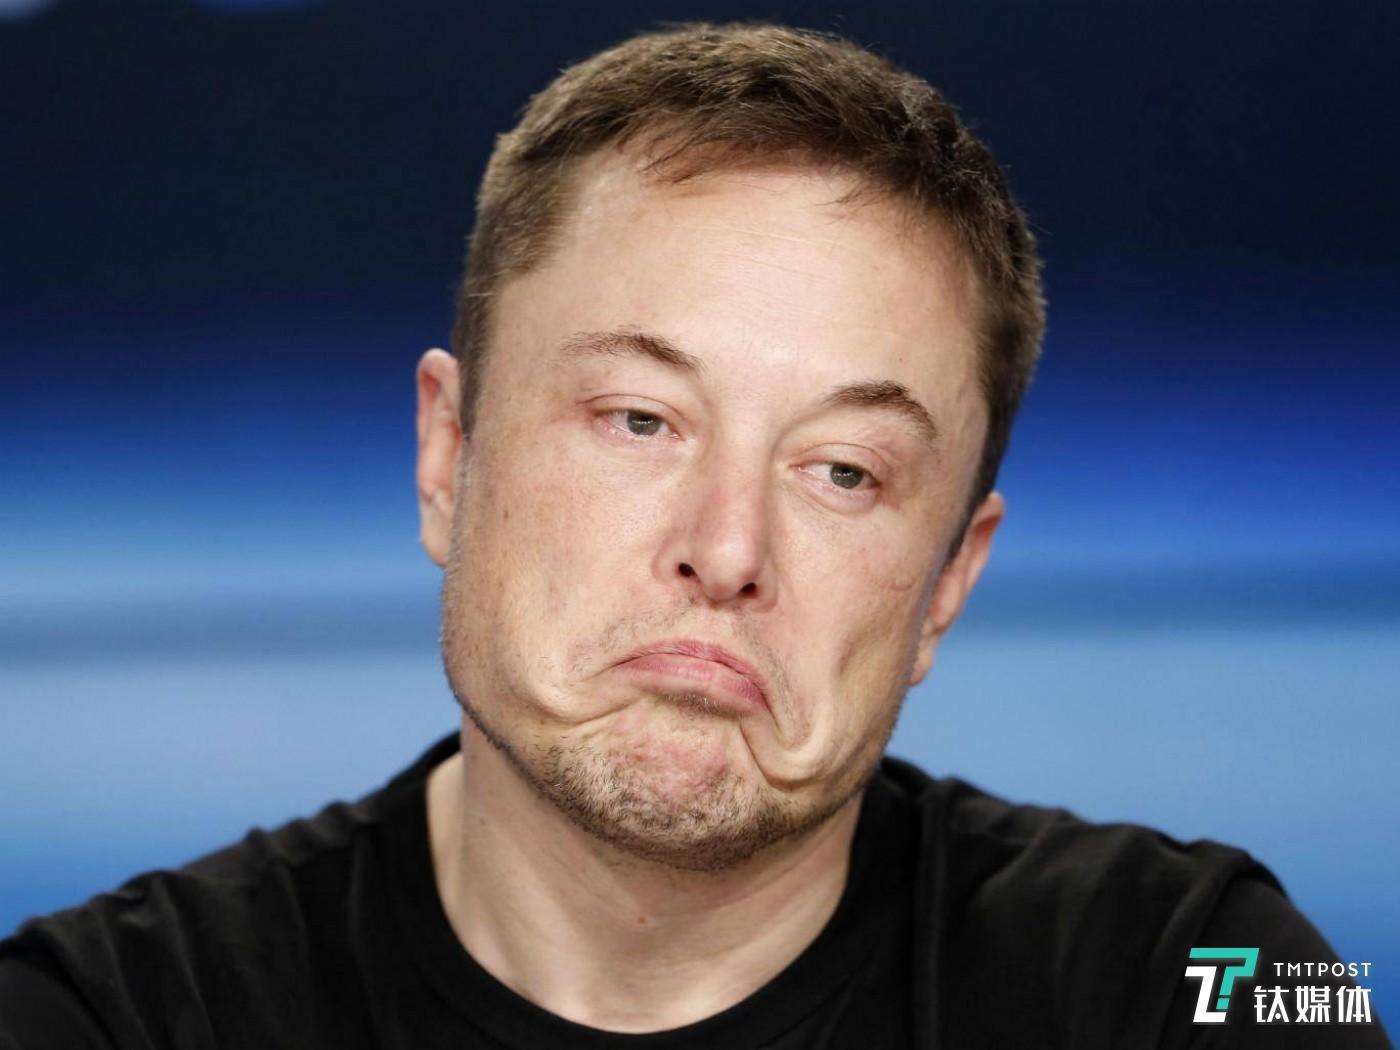 马斯克的失言造成了数十亿美元的损失 REUTERS/Joe Skipper